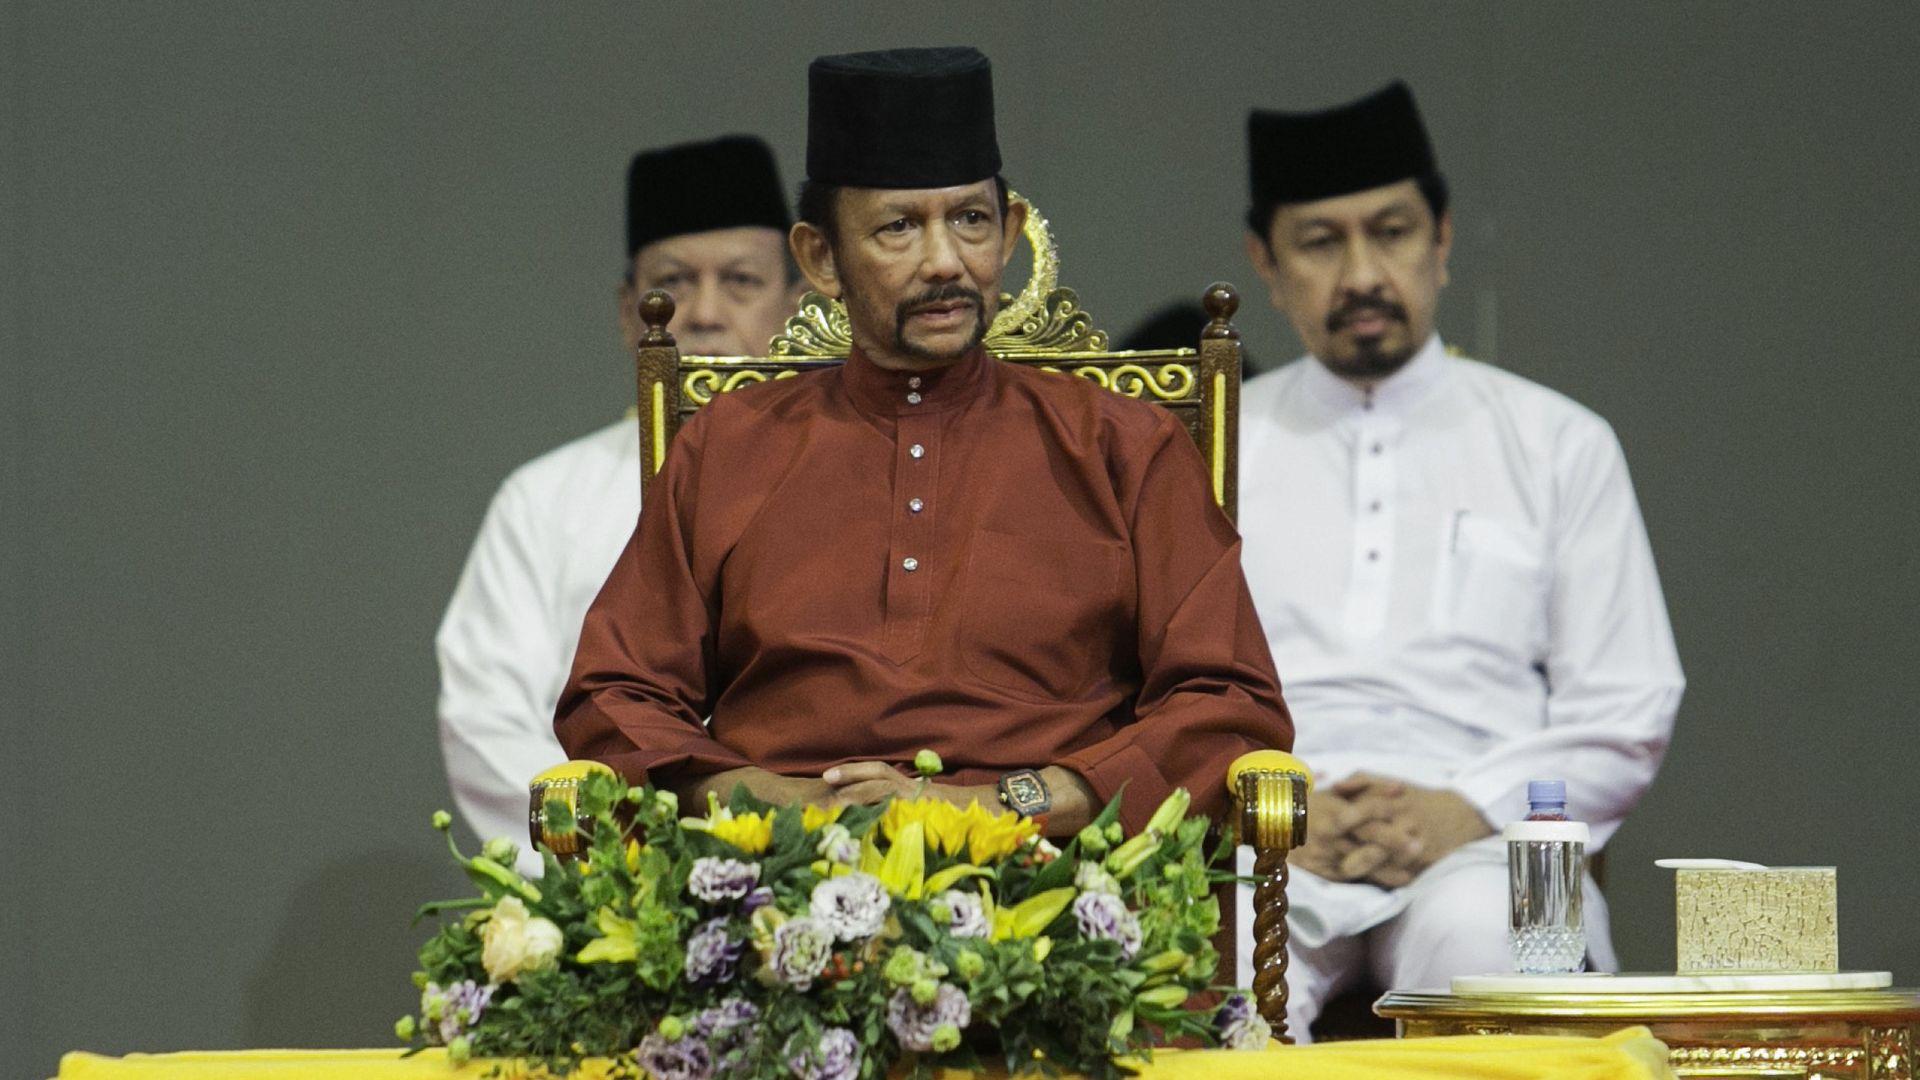 Brunei's Sultan Hassanal Bolkiah, center.